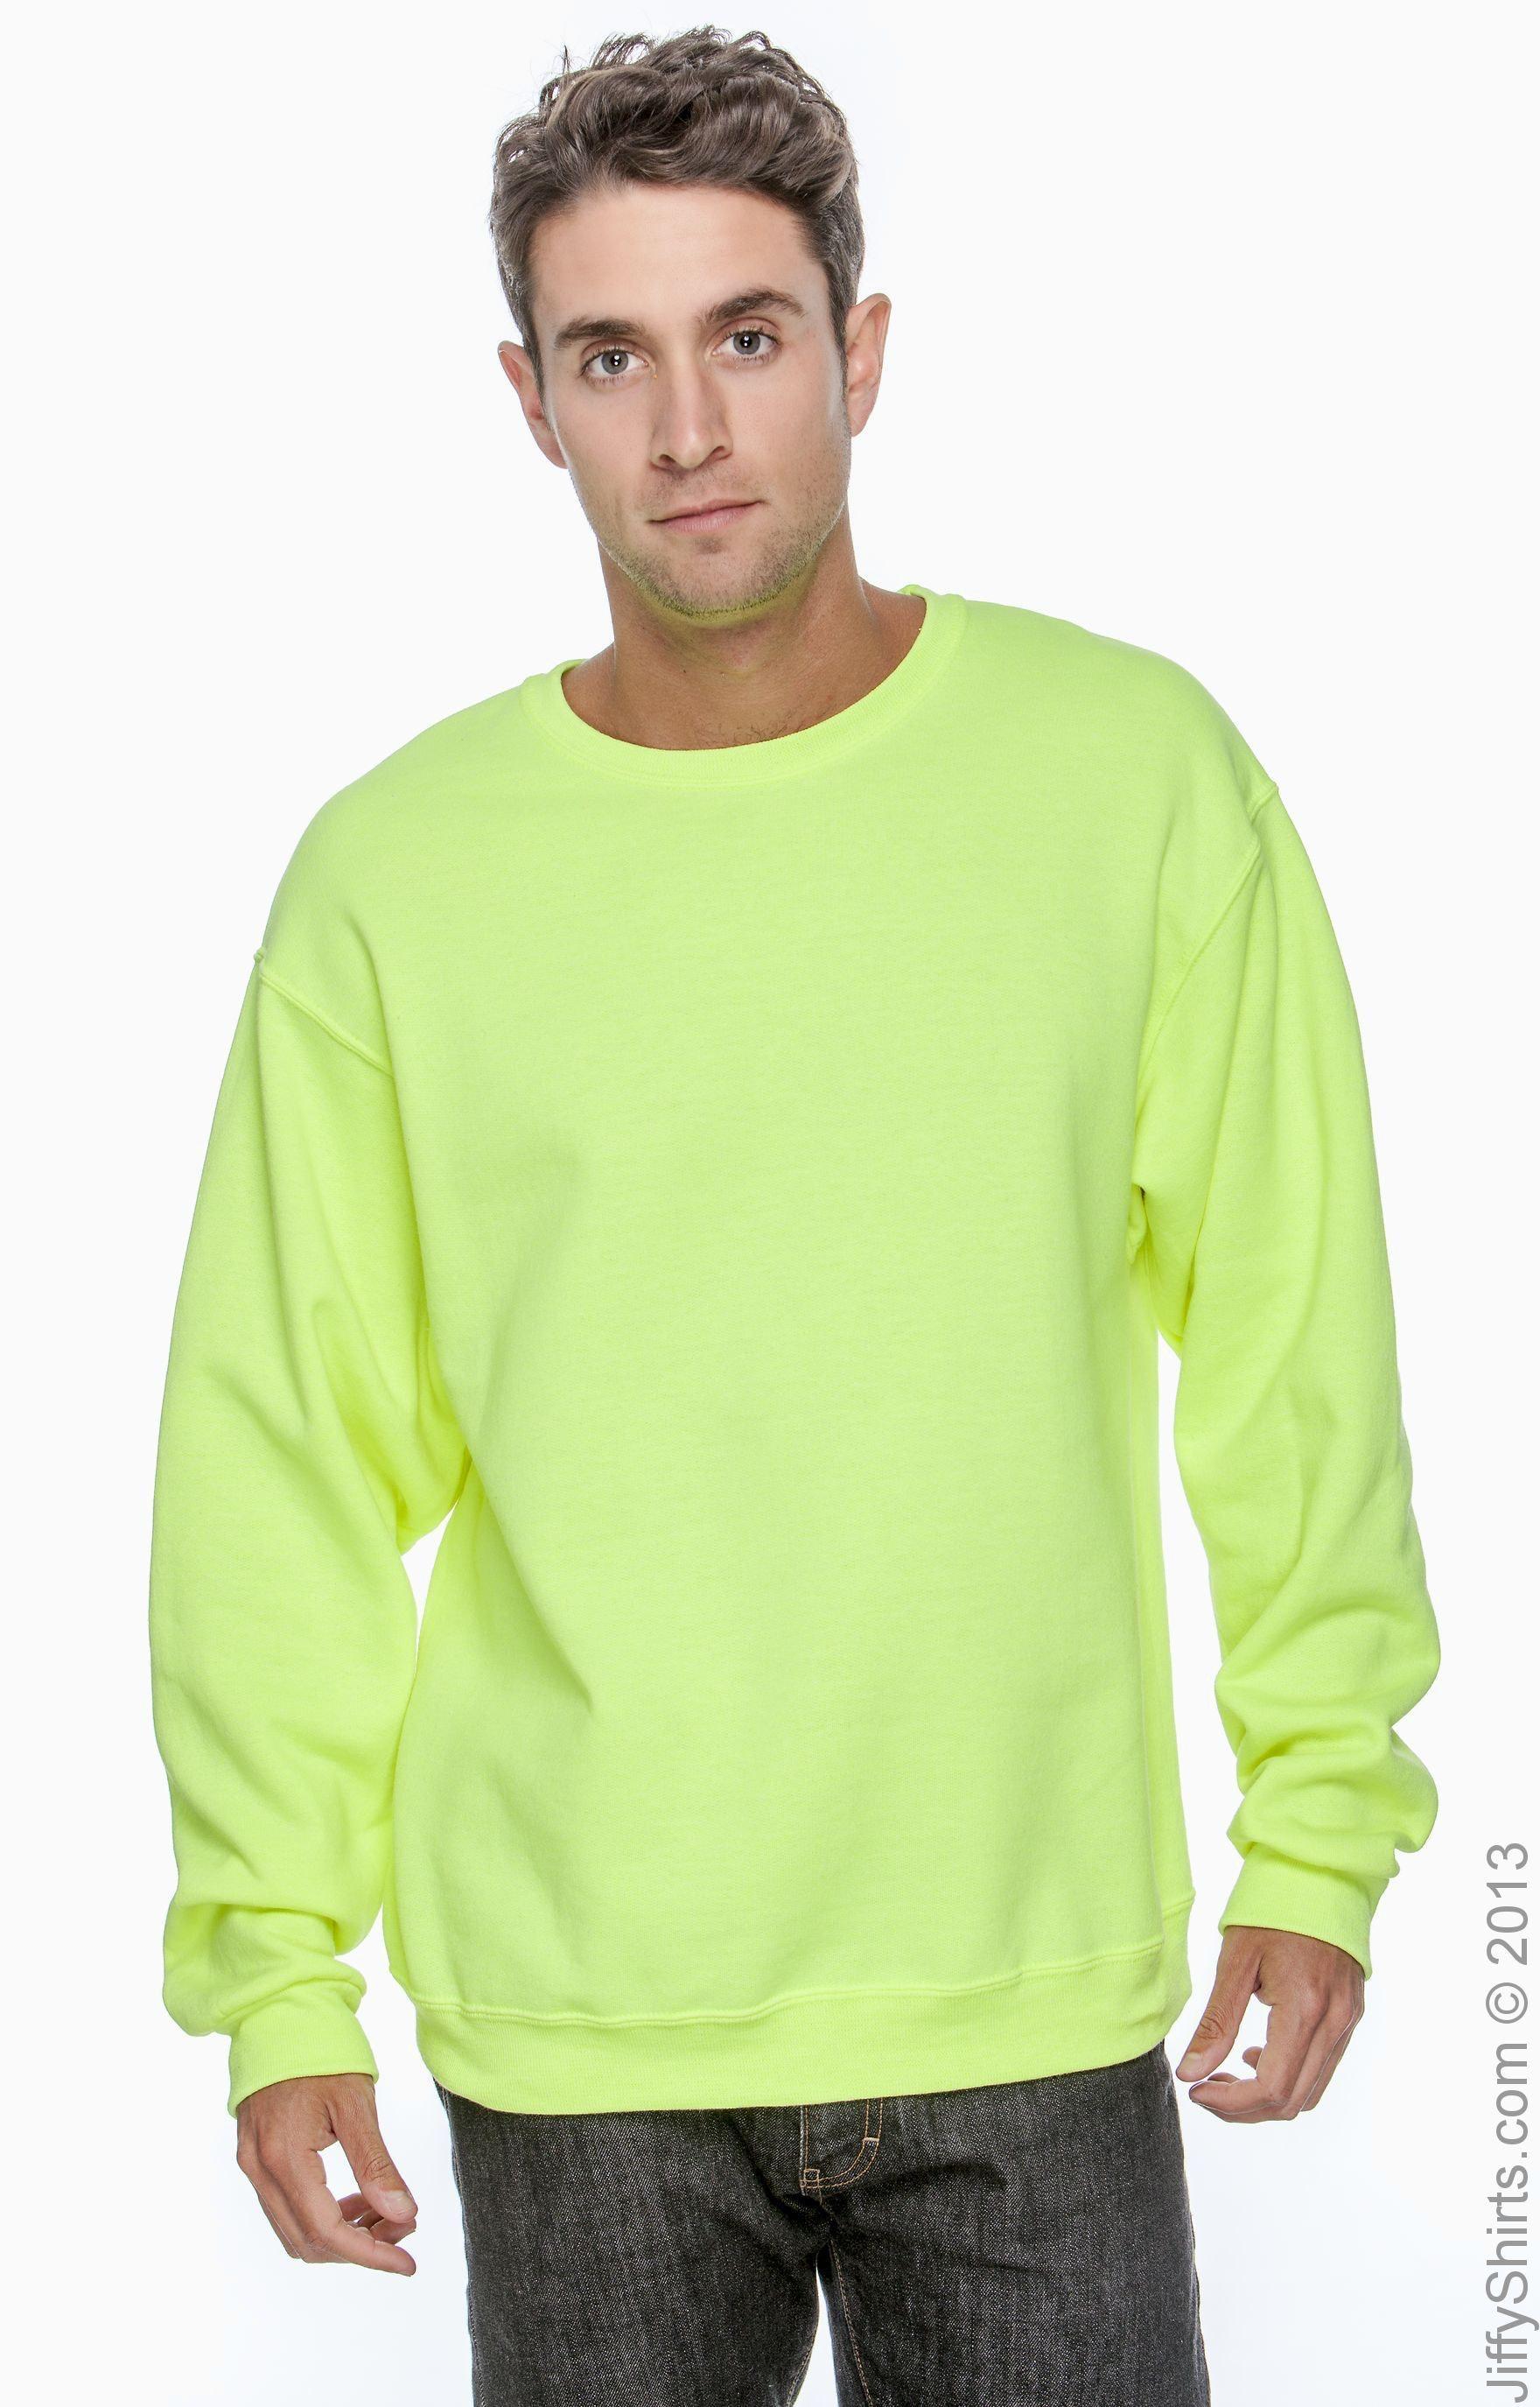 Jerzees 562 High Viz Safety Green